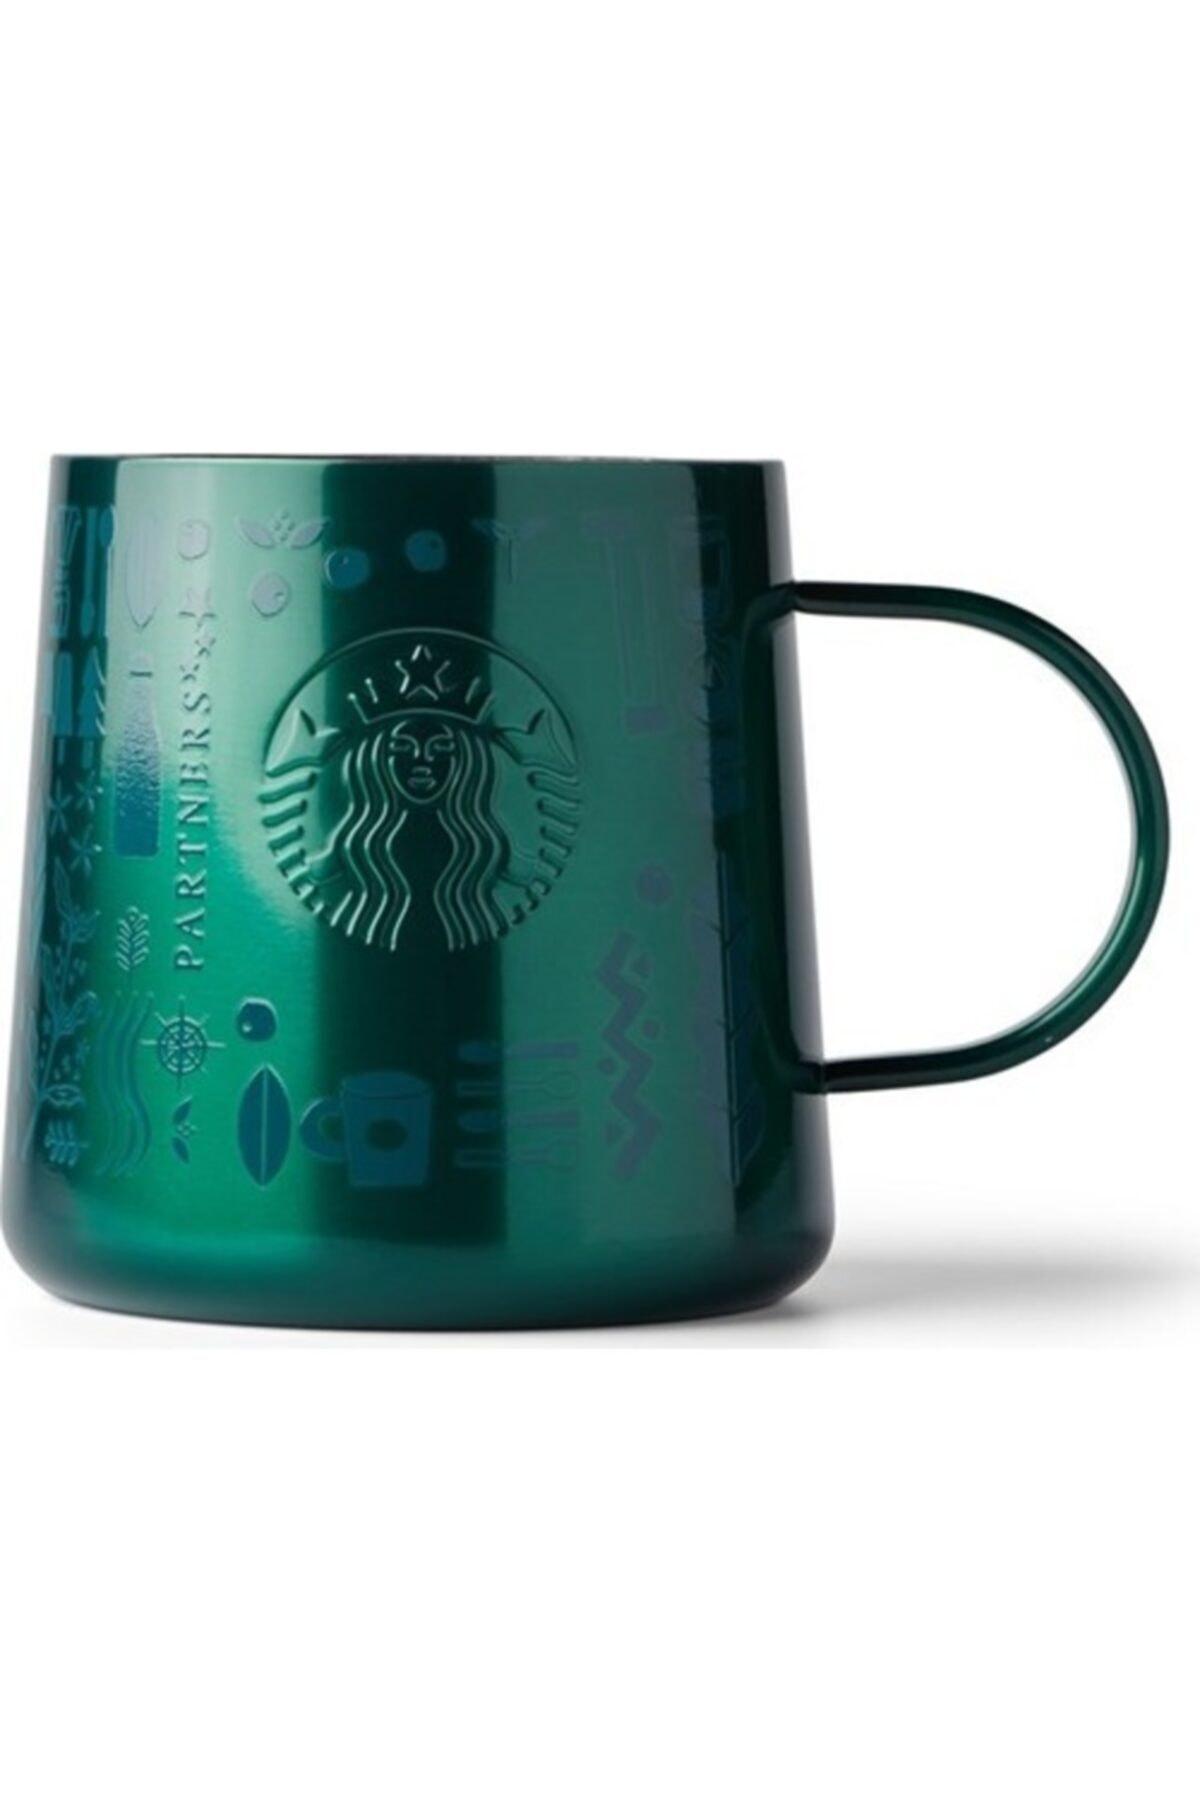 Starbucks ® 50. Yıl Özel Seri Kupa - Koyu Yeşil Renkli Paslanmaz Çelik 414 ml 1